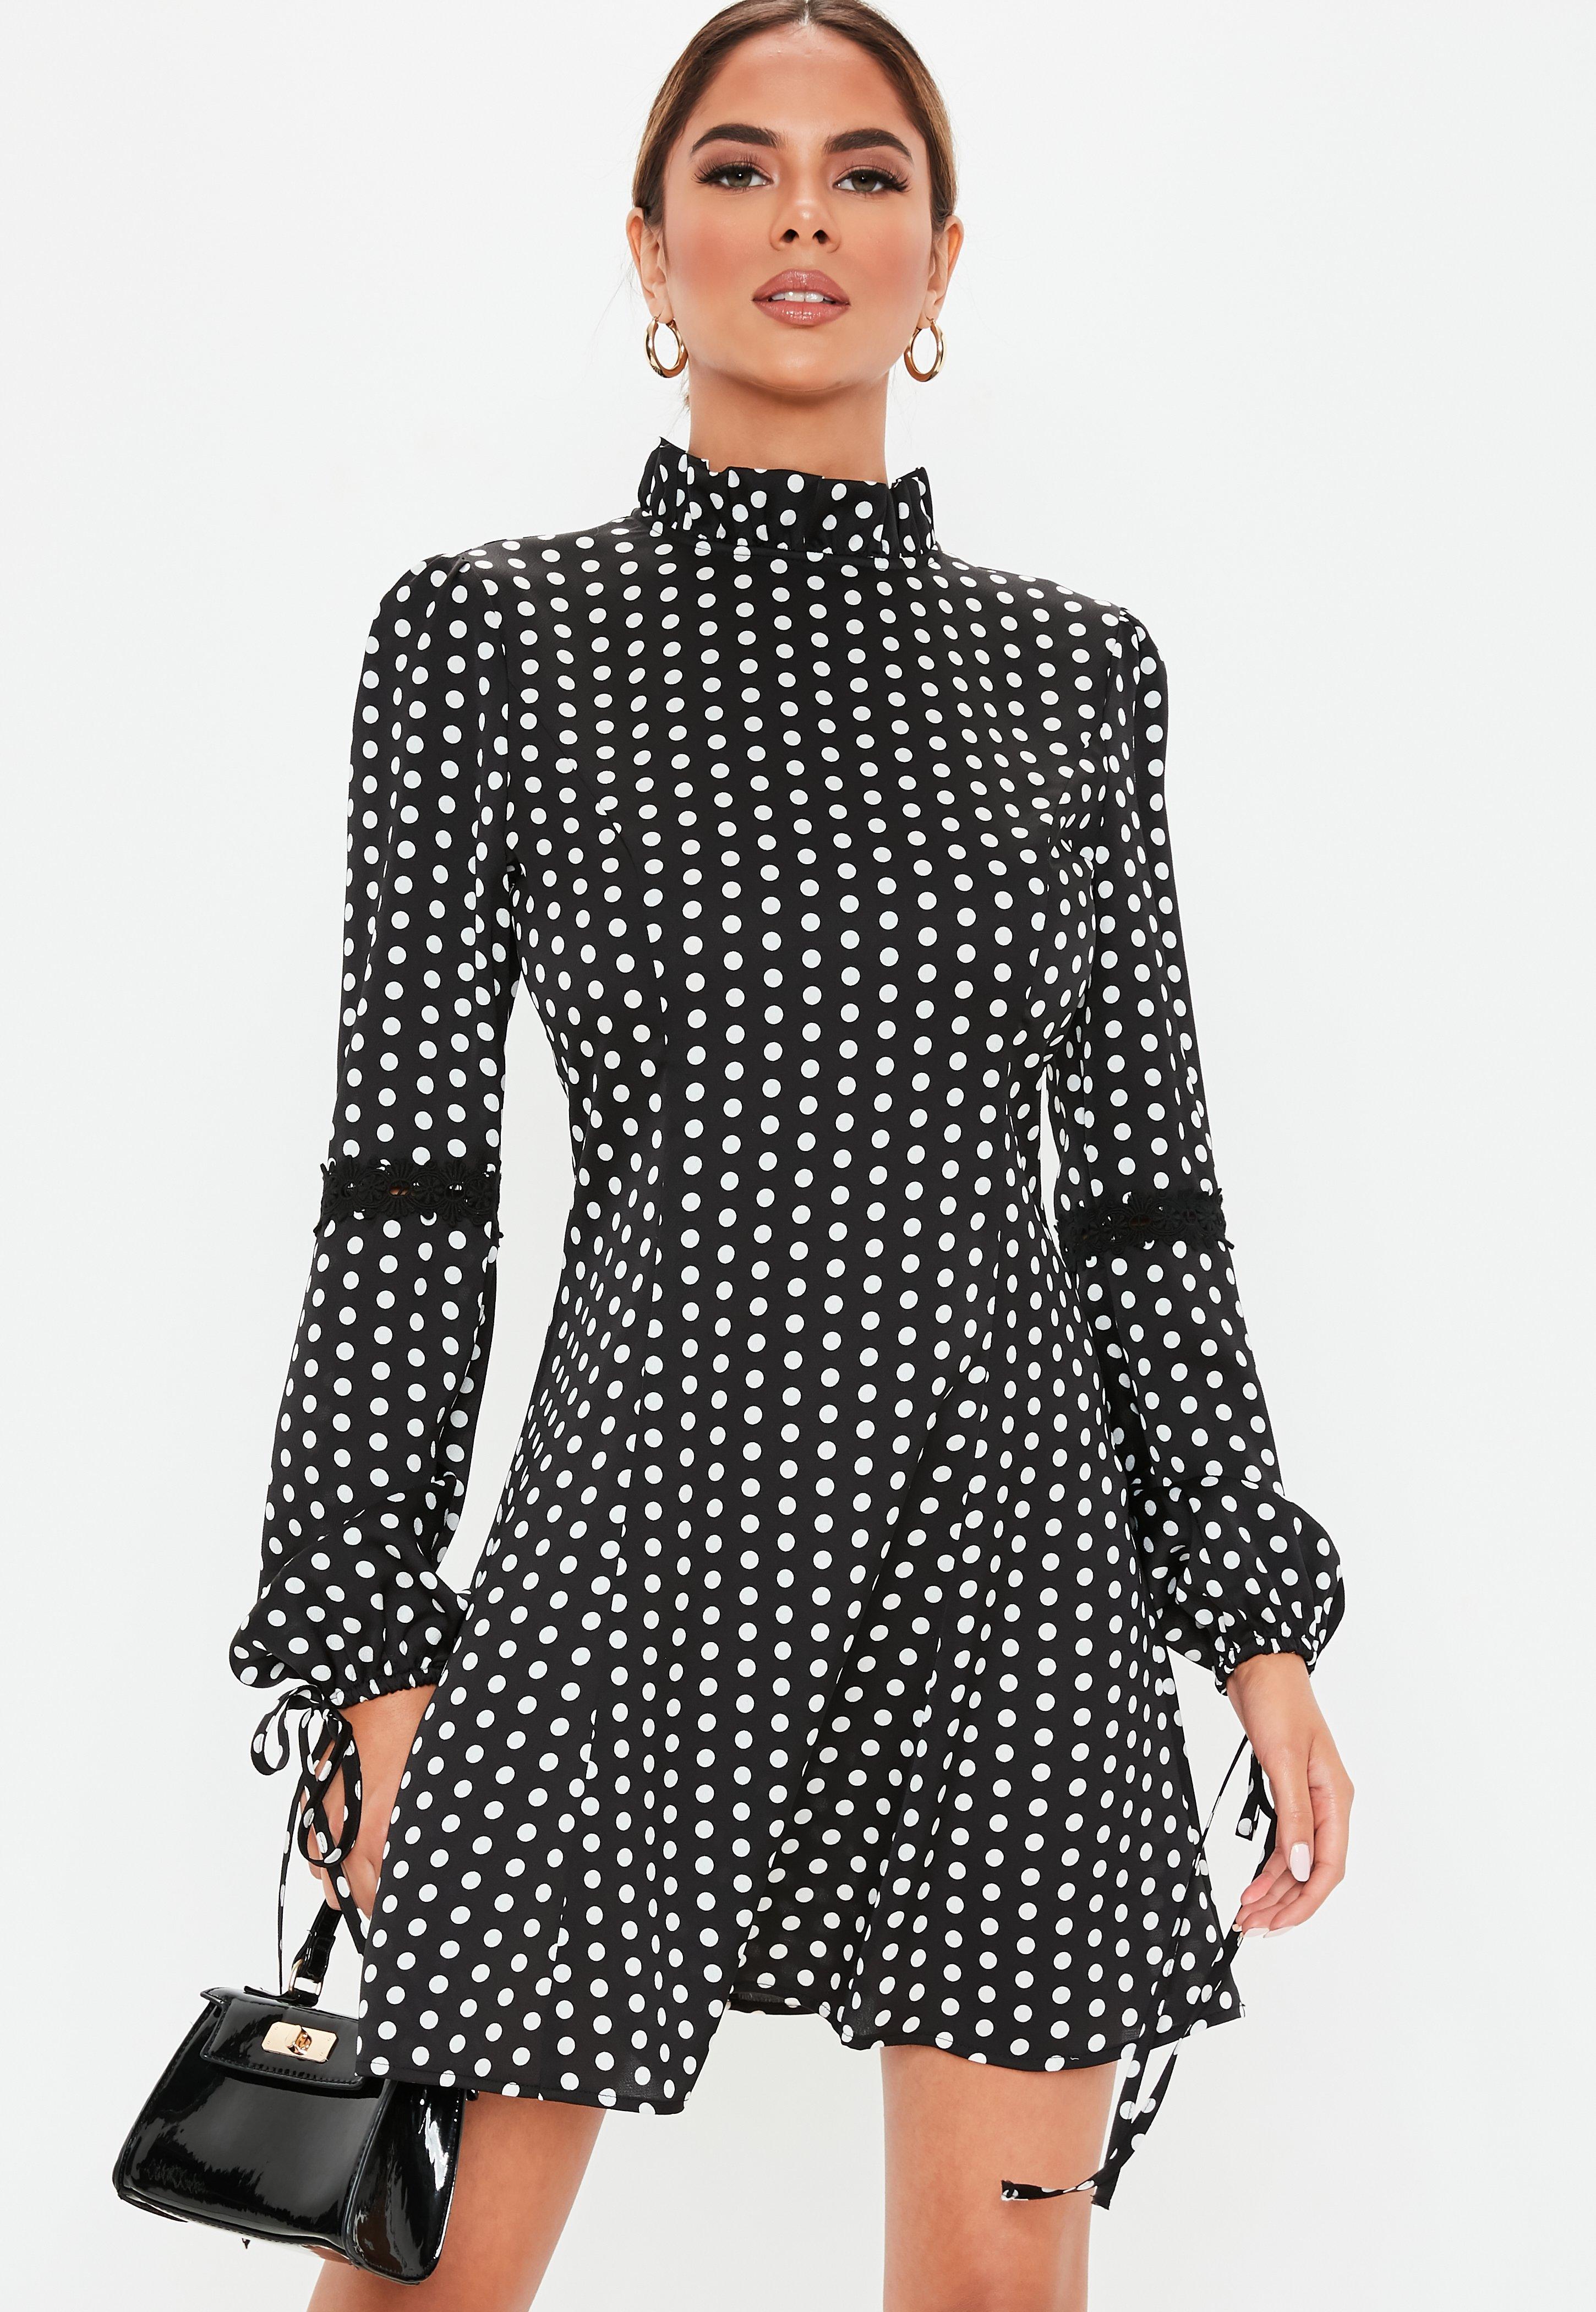 6e439b42edfba Robes   Robe chic femme en ligne 2019 - Missguided